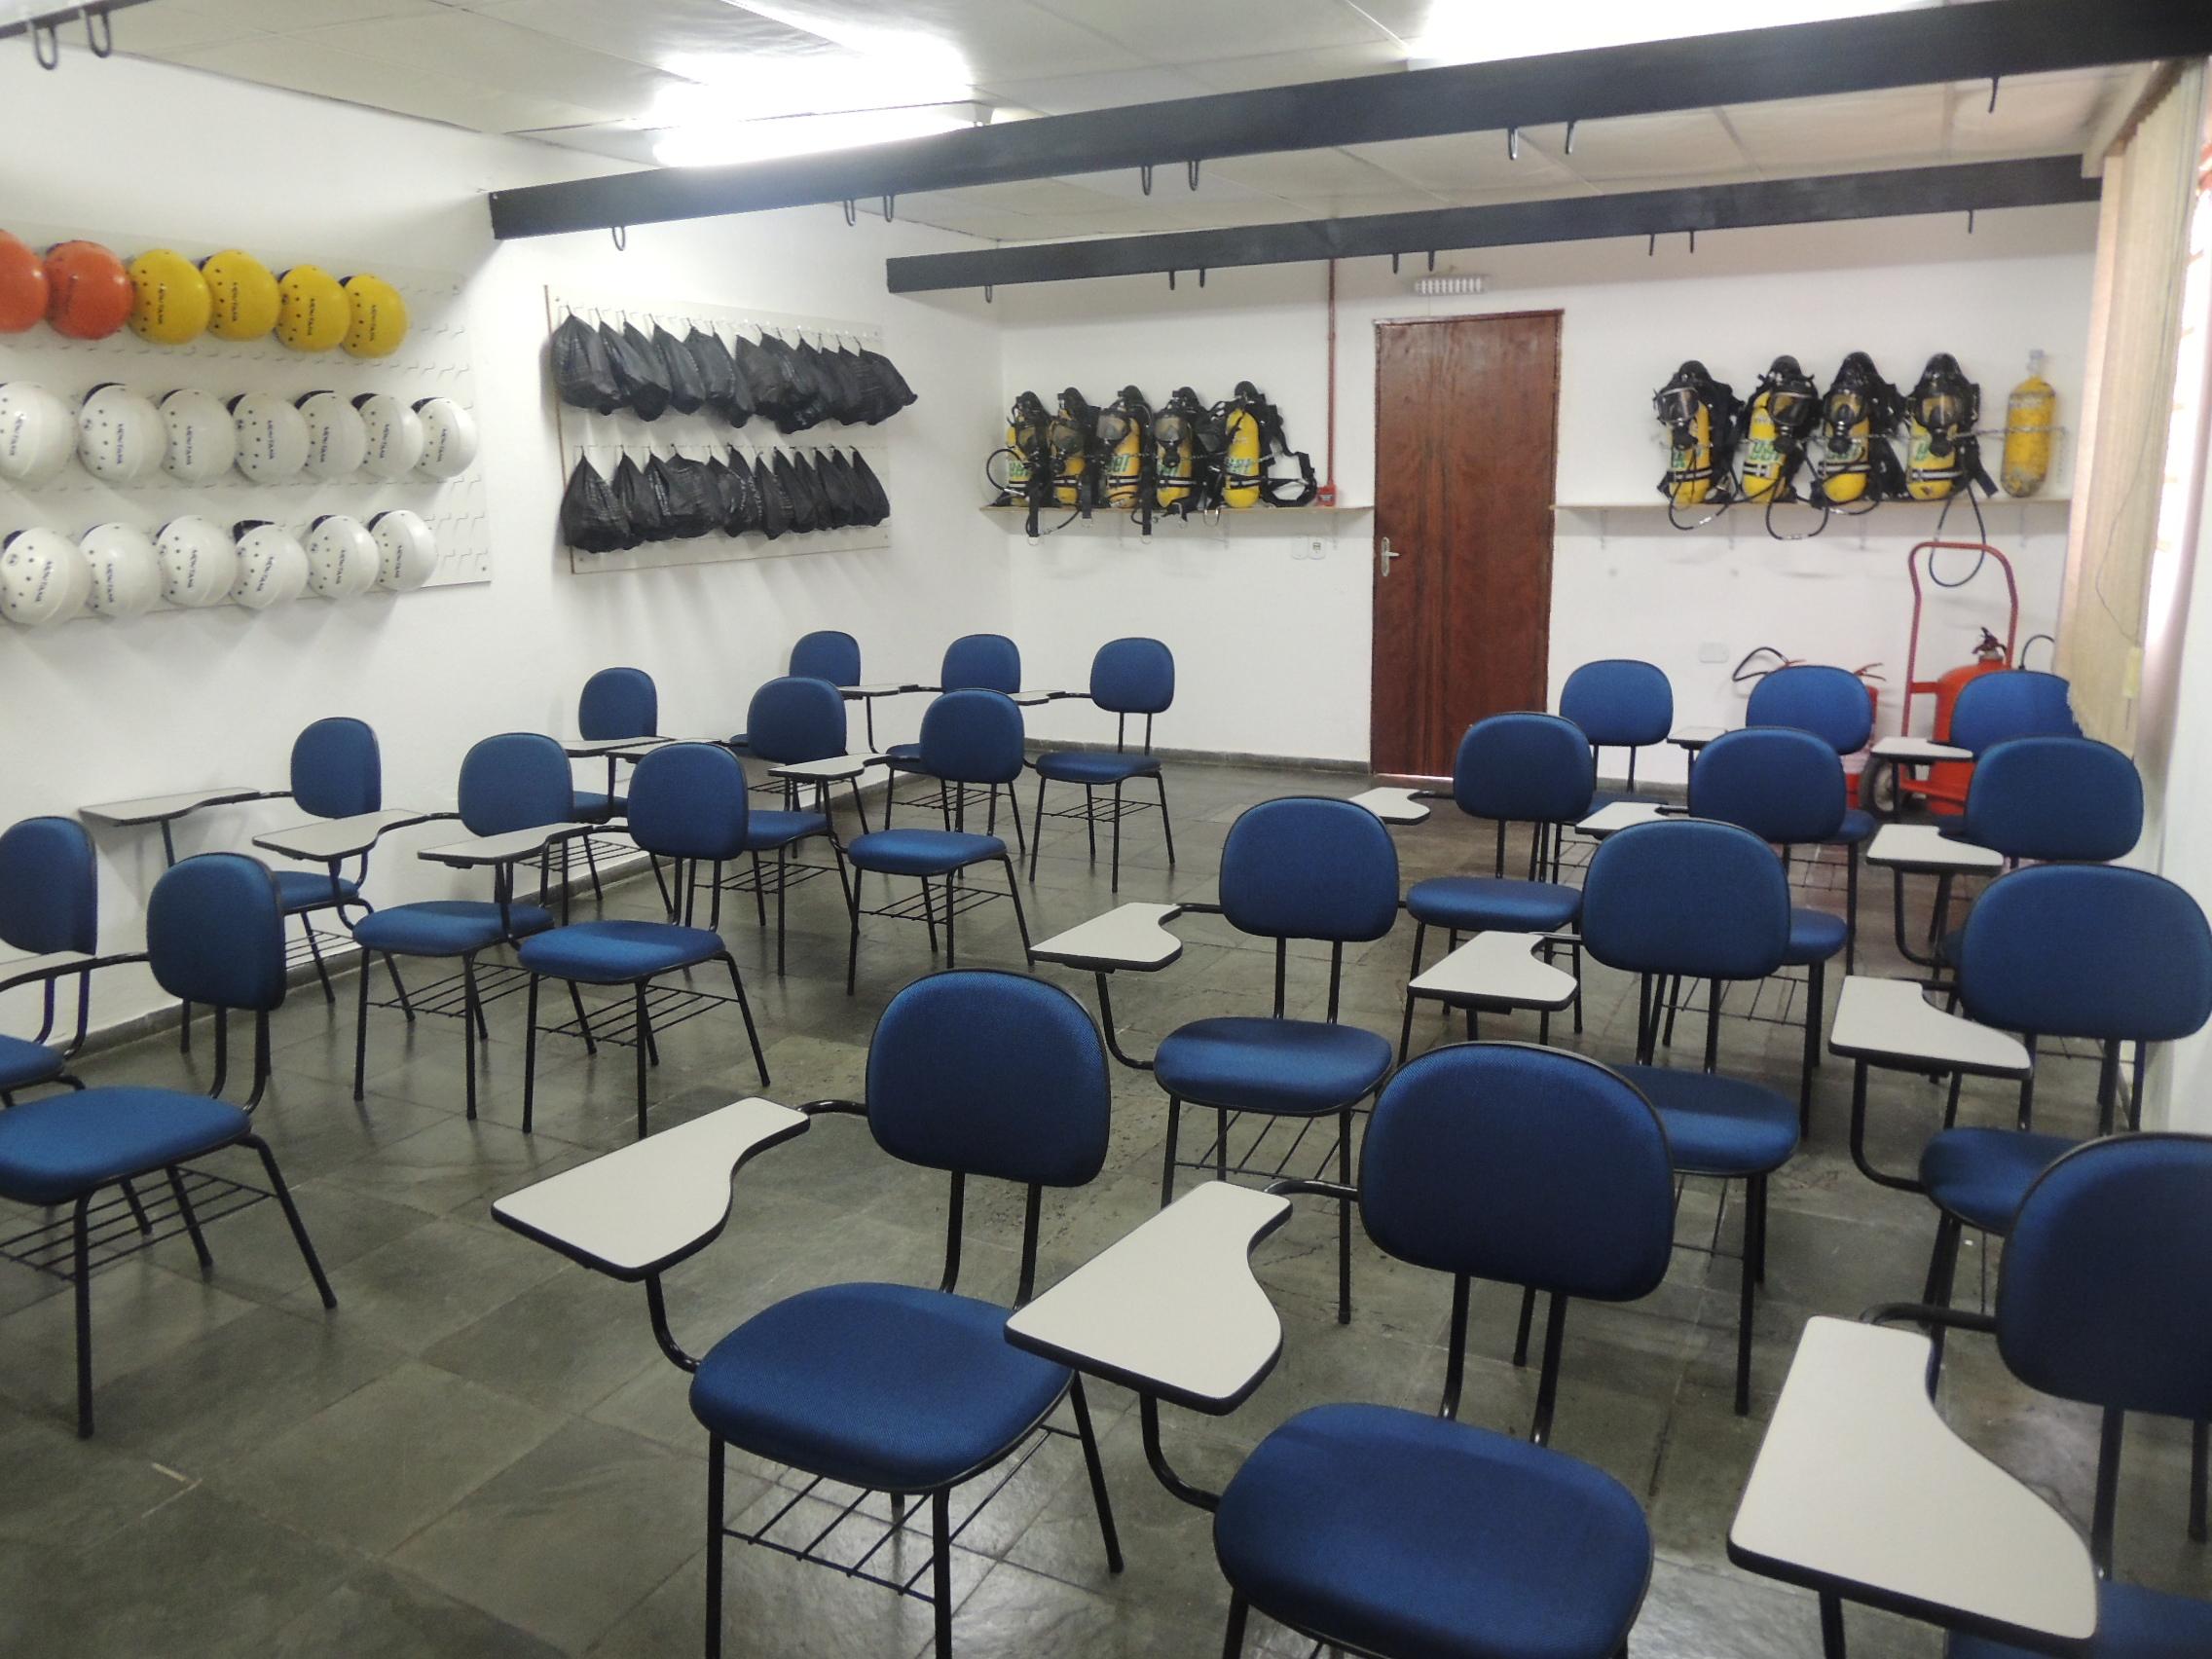 UNIDADE MOGI DAS CRUZES - Sala de Aula - Unidade São Paulo